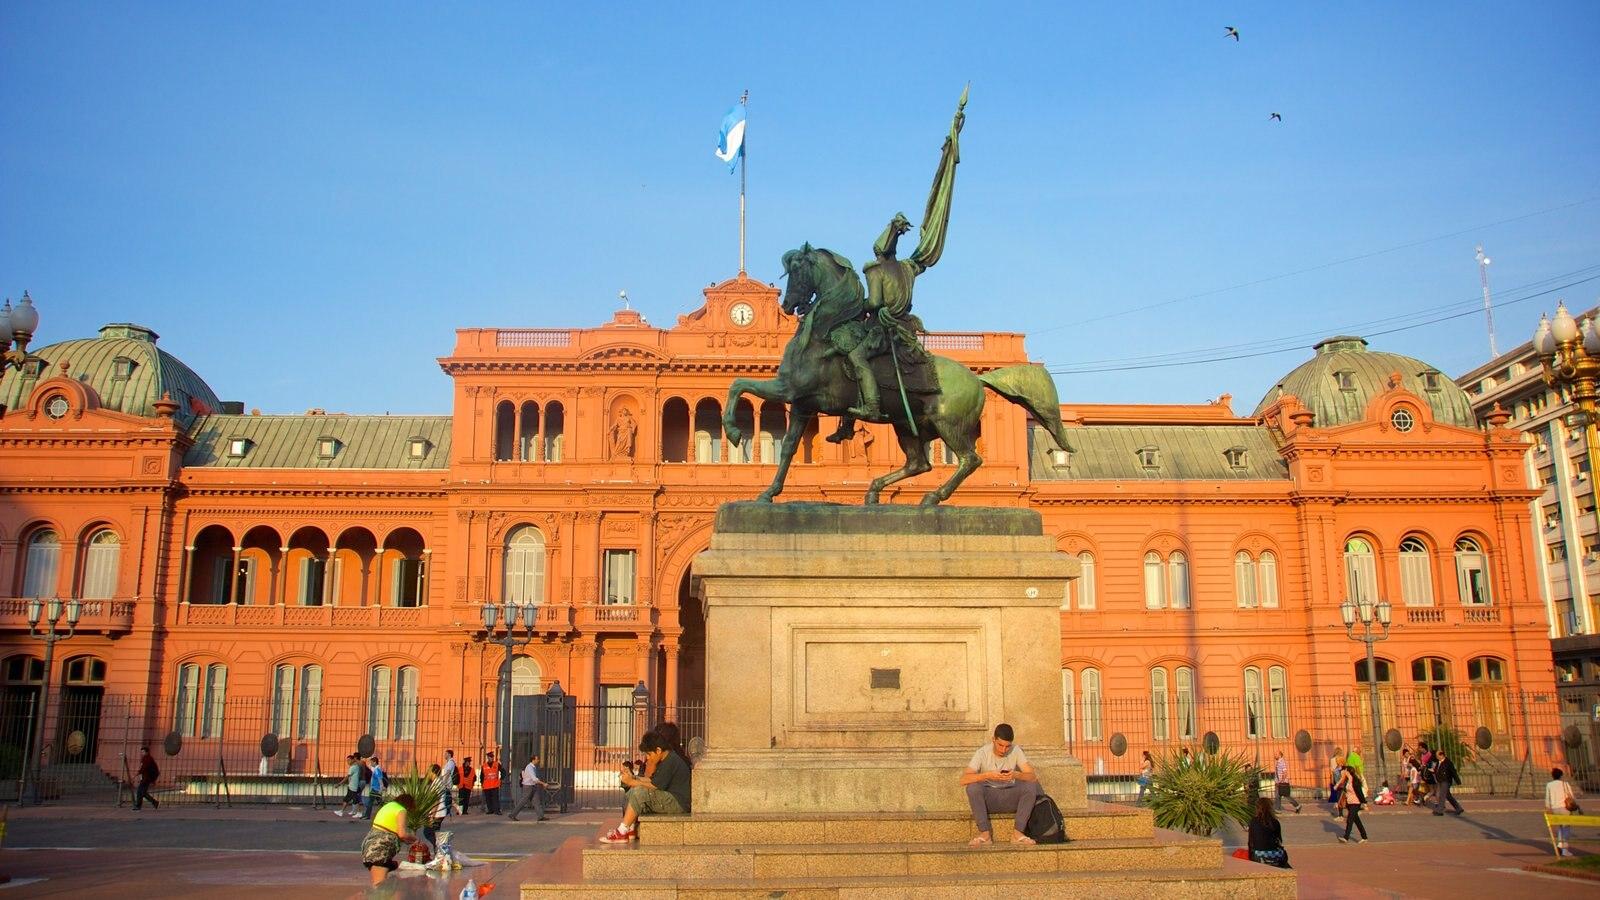 Casa Rosada mostrando uma praça ou plaza, um monumento e arquitetura de patrimônio